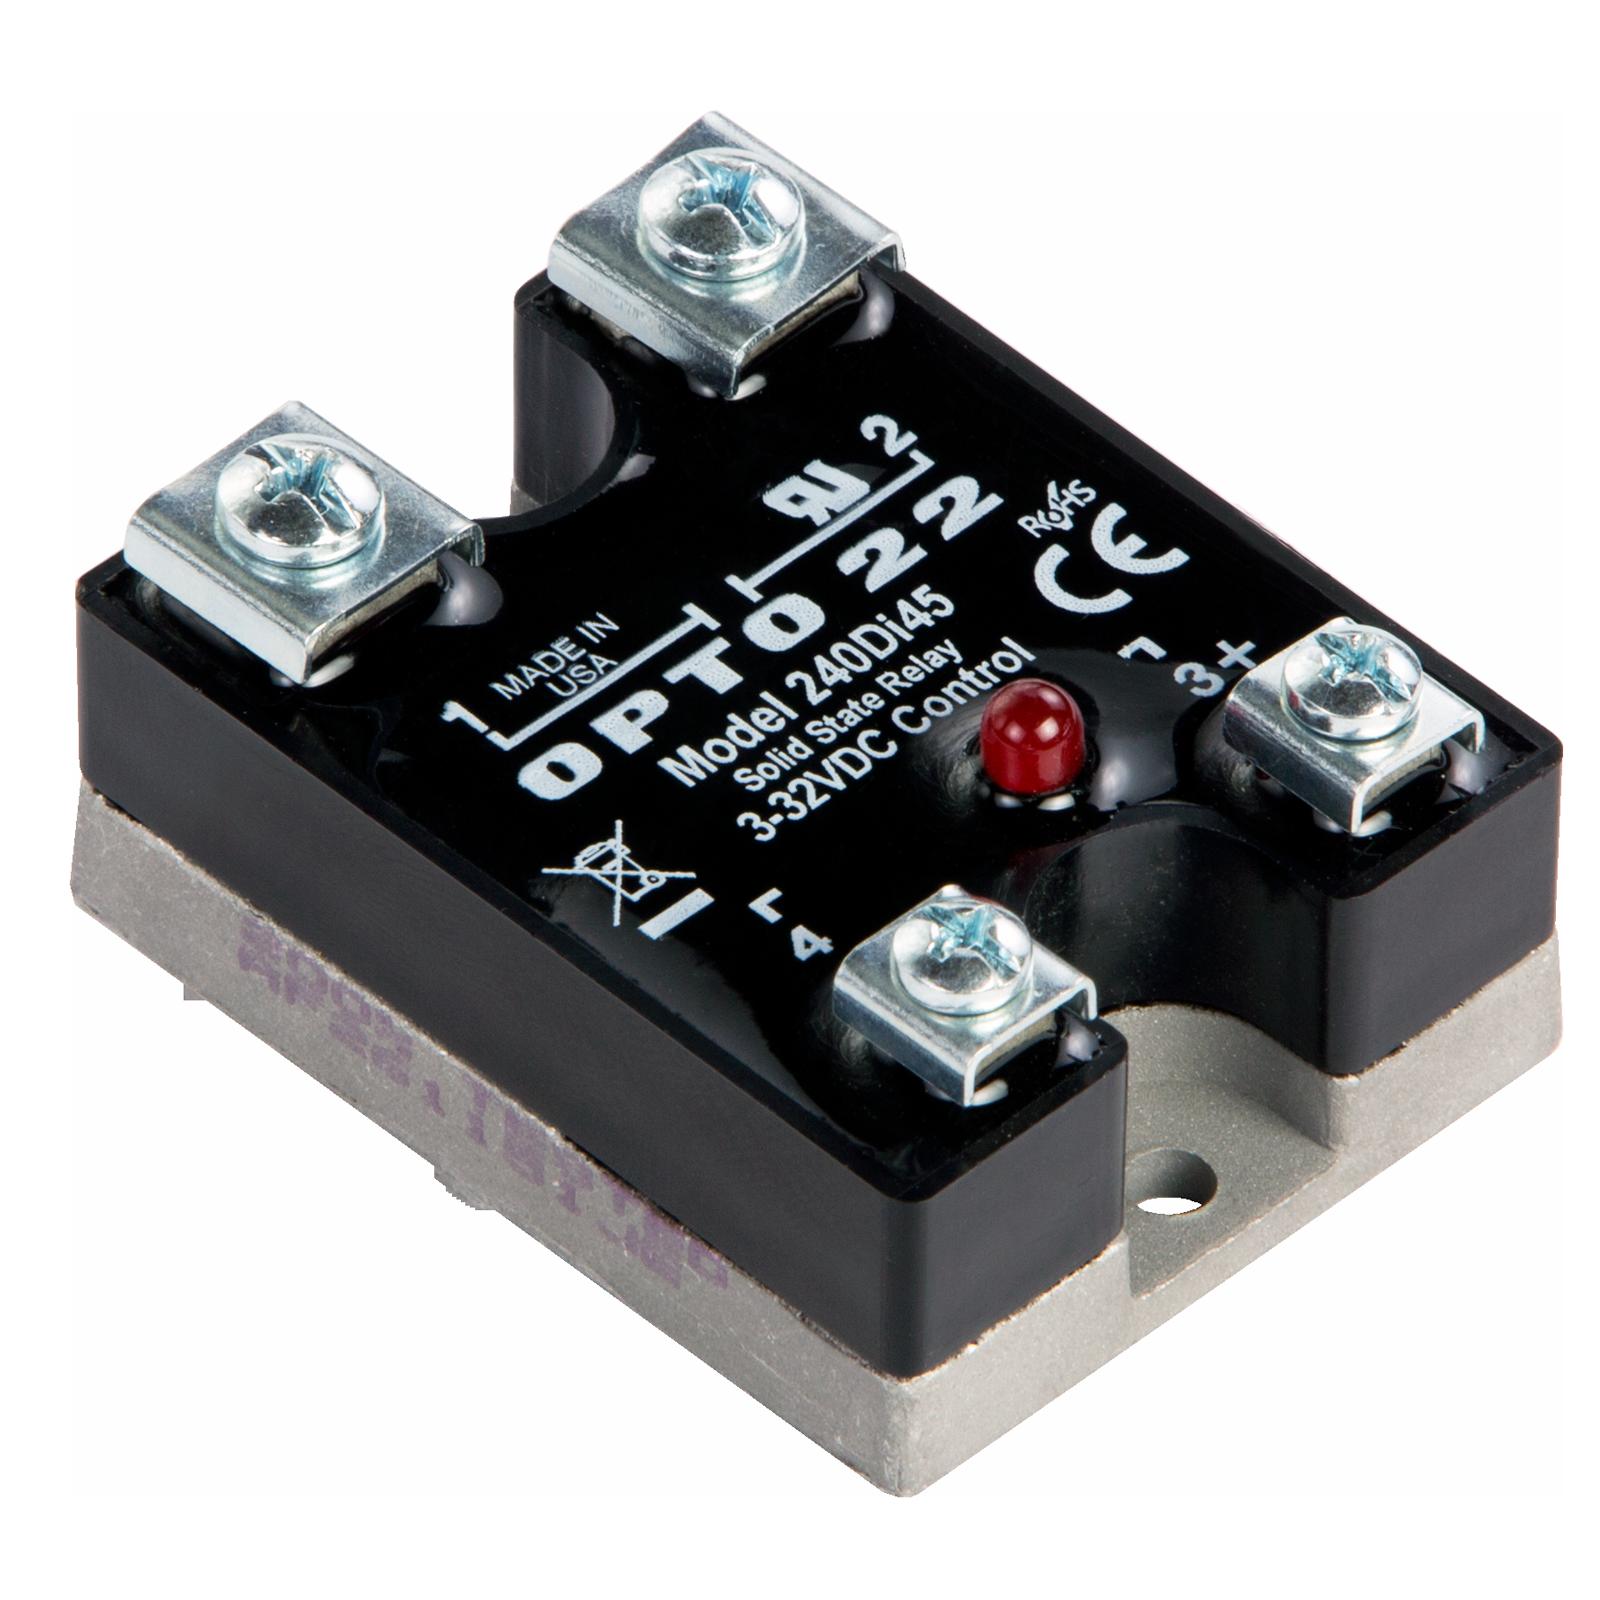 ssr control 240 vac schematic opto22 240di45    240       vac     45 amp  dc    control    solid state  opto22 240di45    240       vac     45 amp  dc    control    solid state